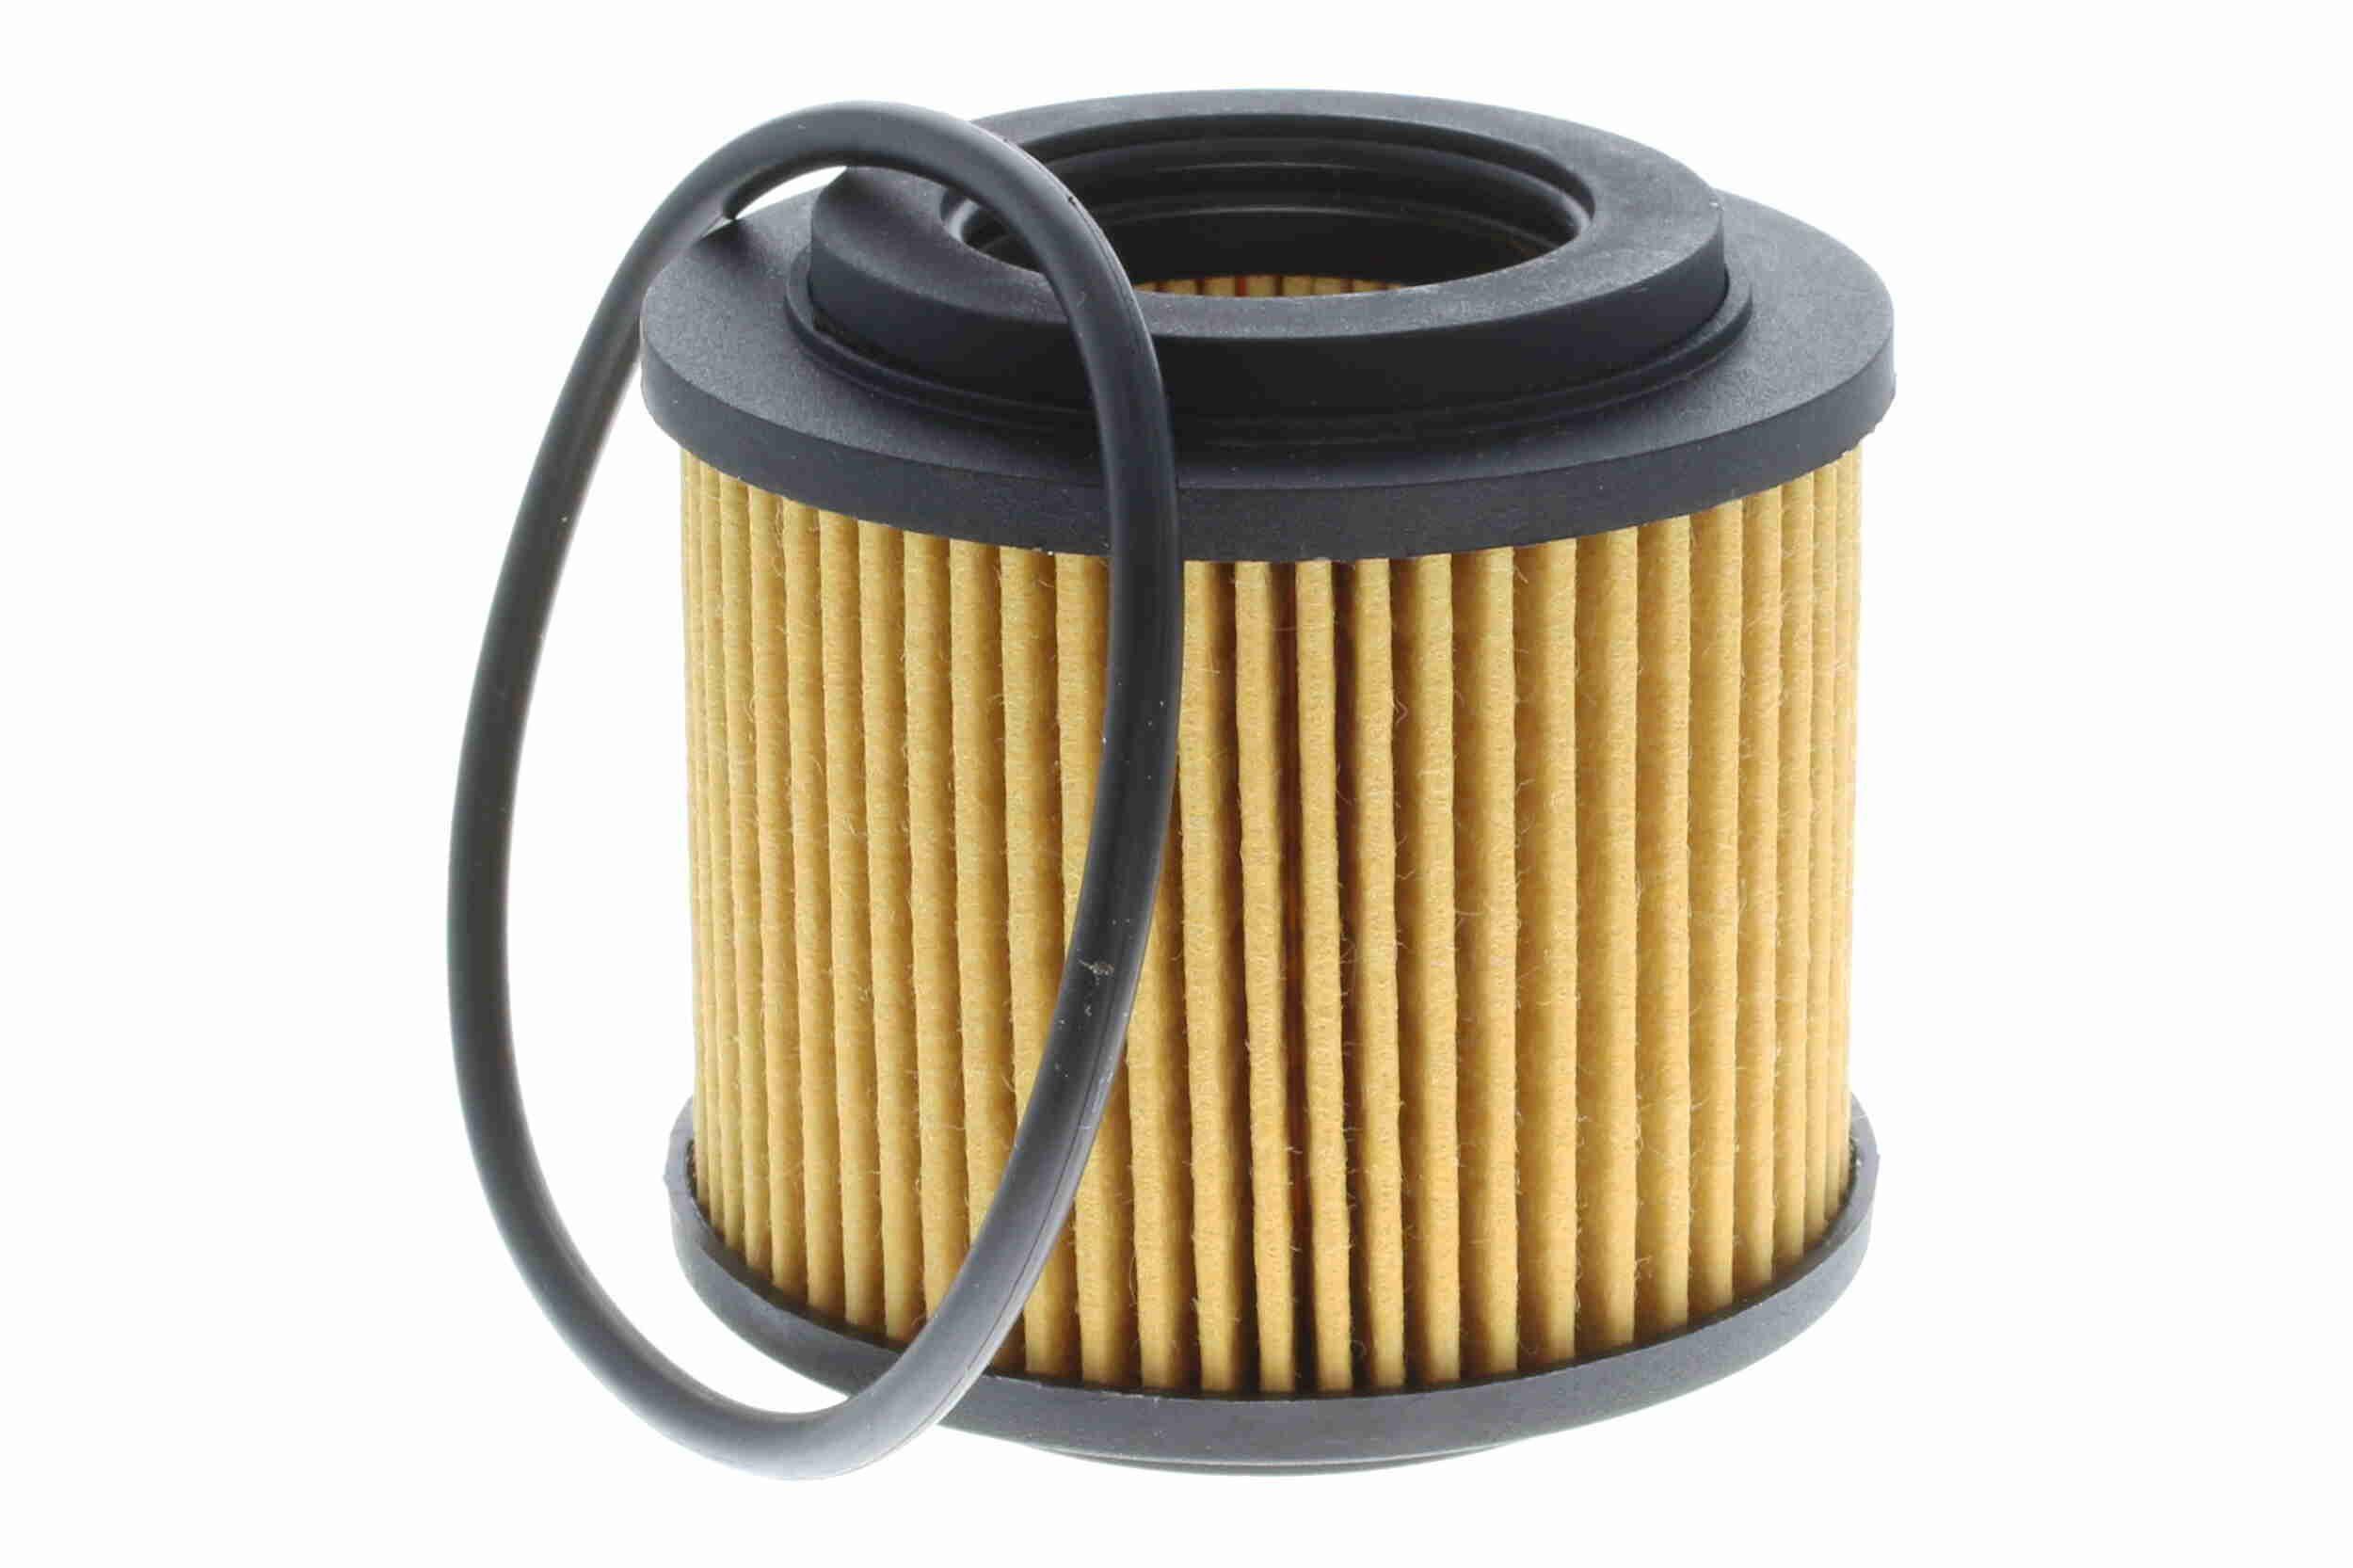 VW Filtre à huile d'Origine V10-0398